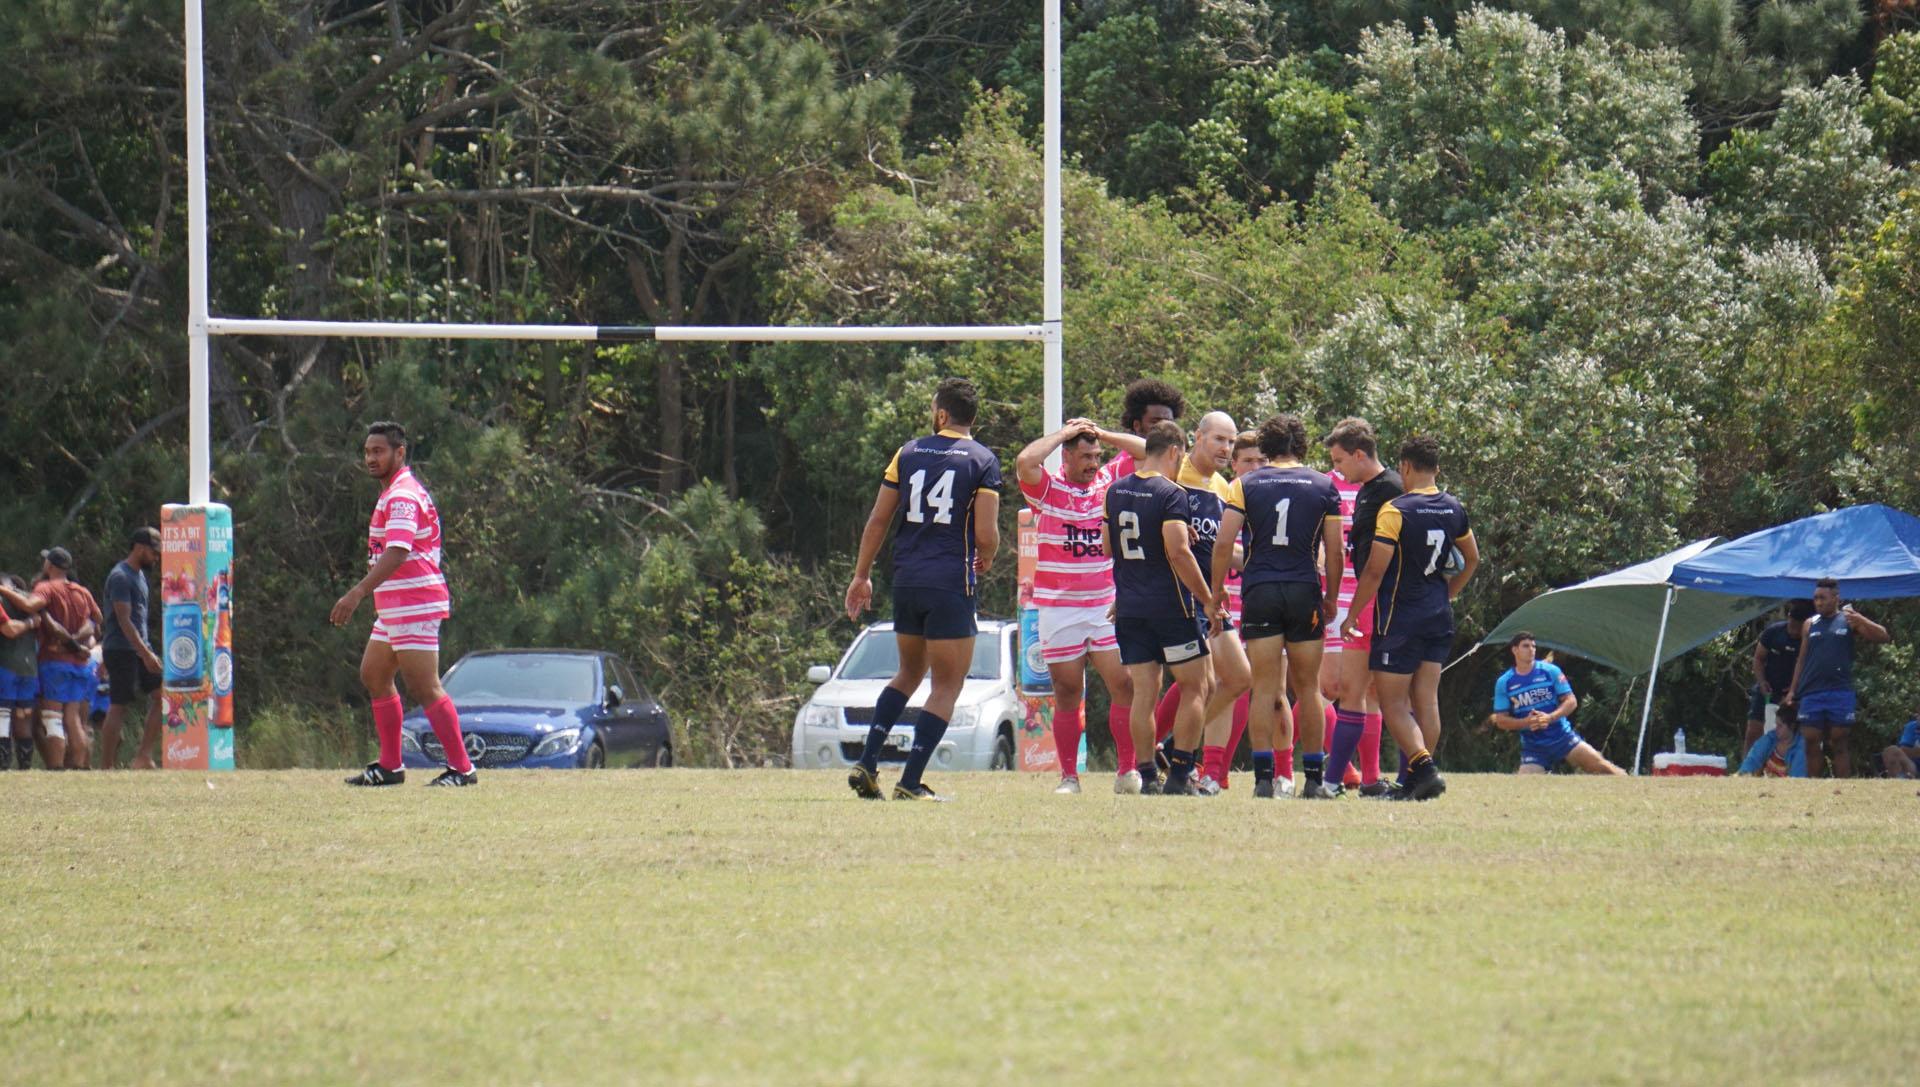 191019-20_Byron Bay Rugby 7s 2019_139